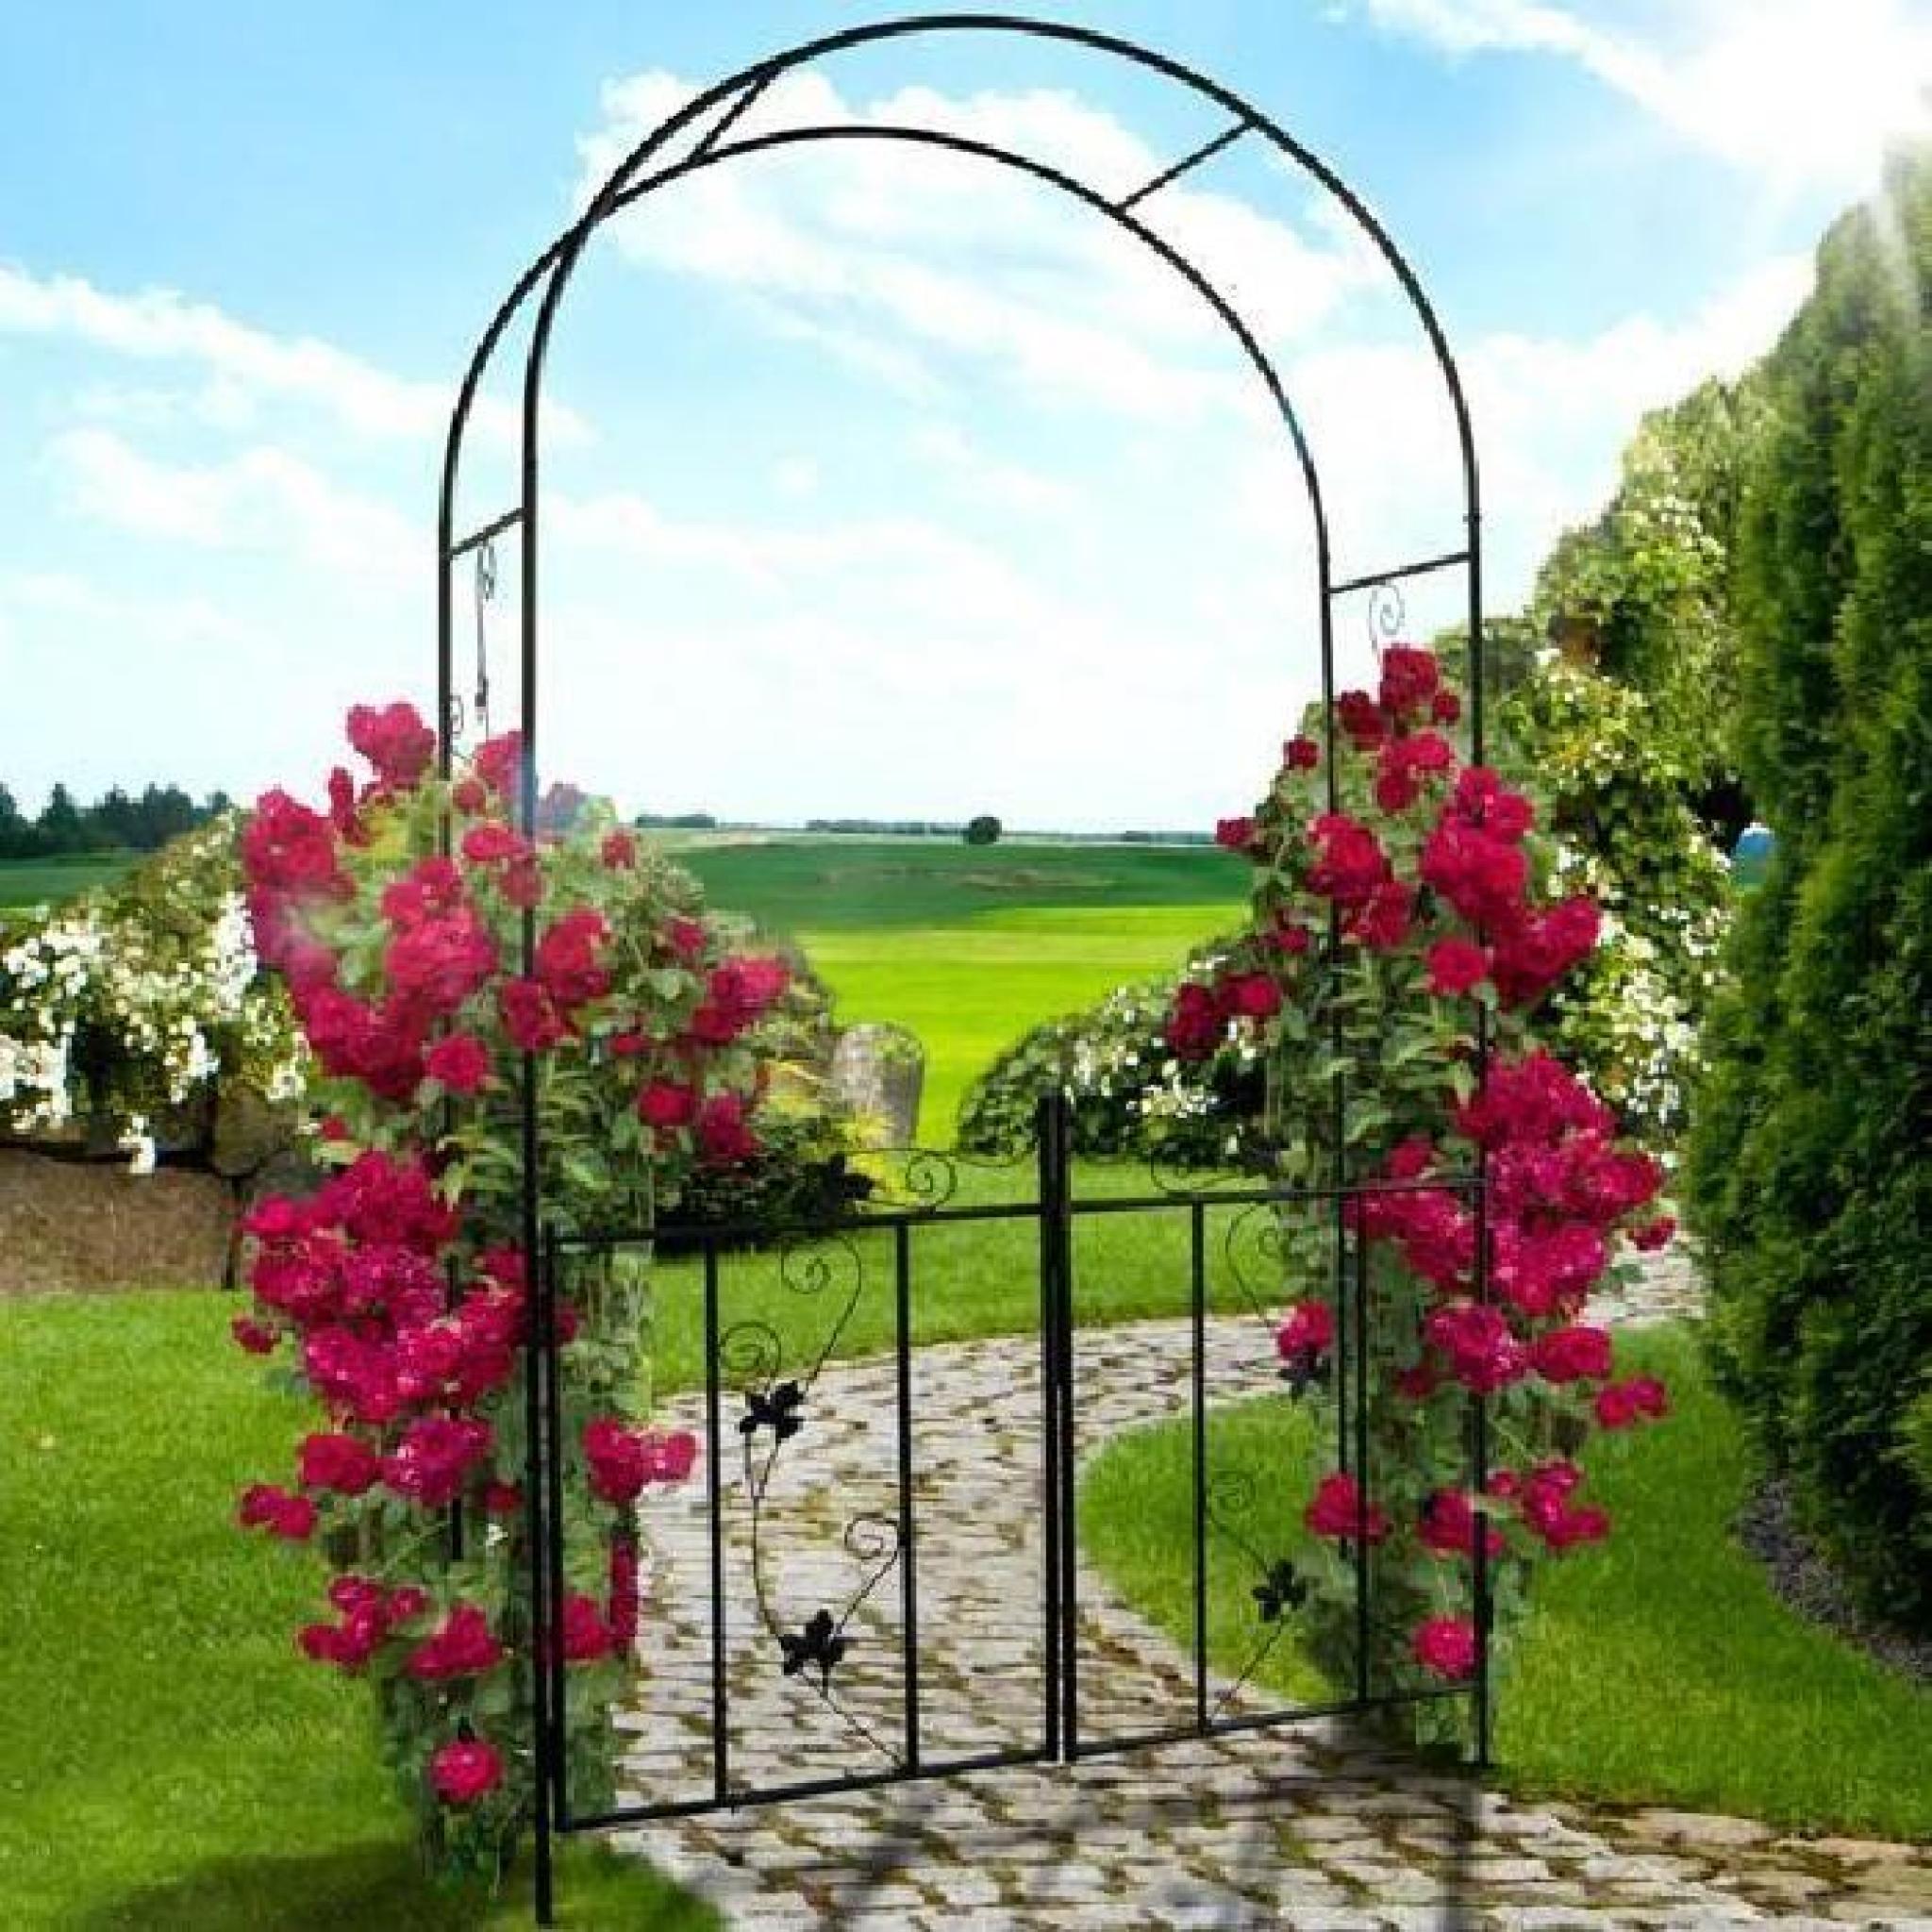 Arche À Rosiers De Jardin - Avec Portillon - 110 X 214 X 38 Cm - En Acier concernant Arche De Jardin Pas Cher